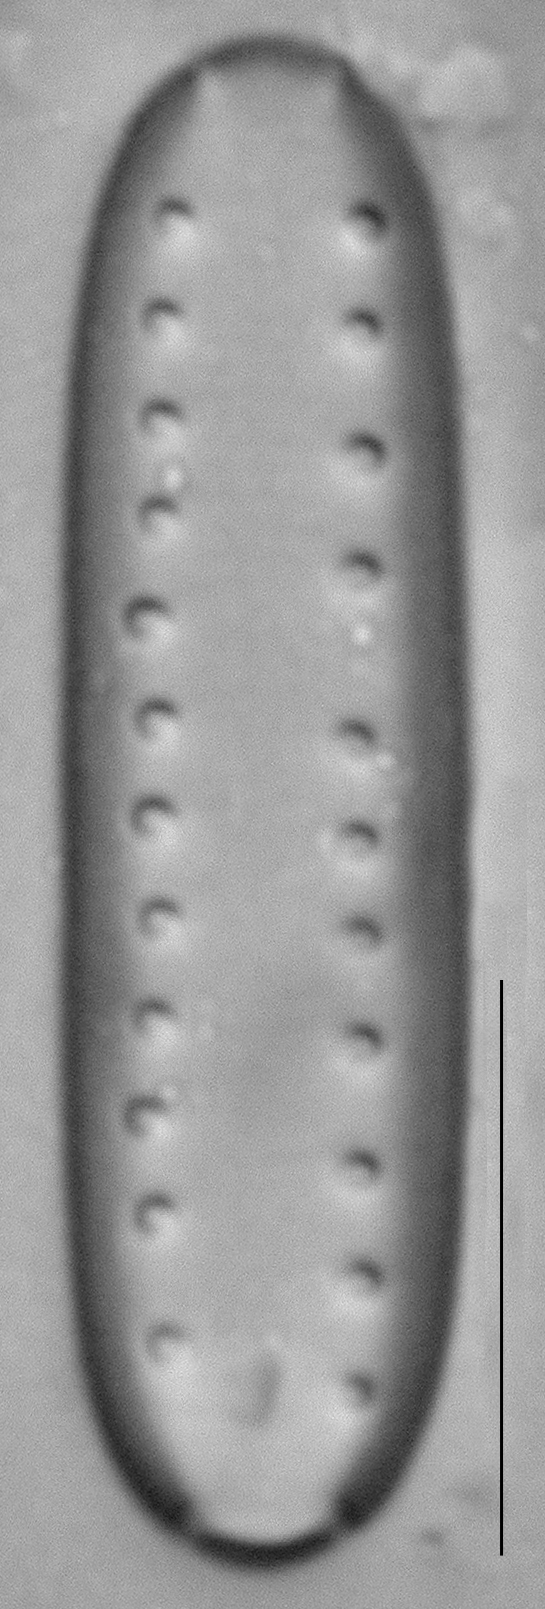 Dscn1908Ed 1 1